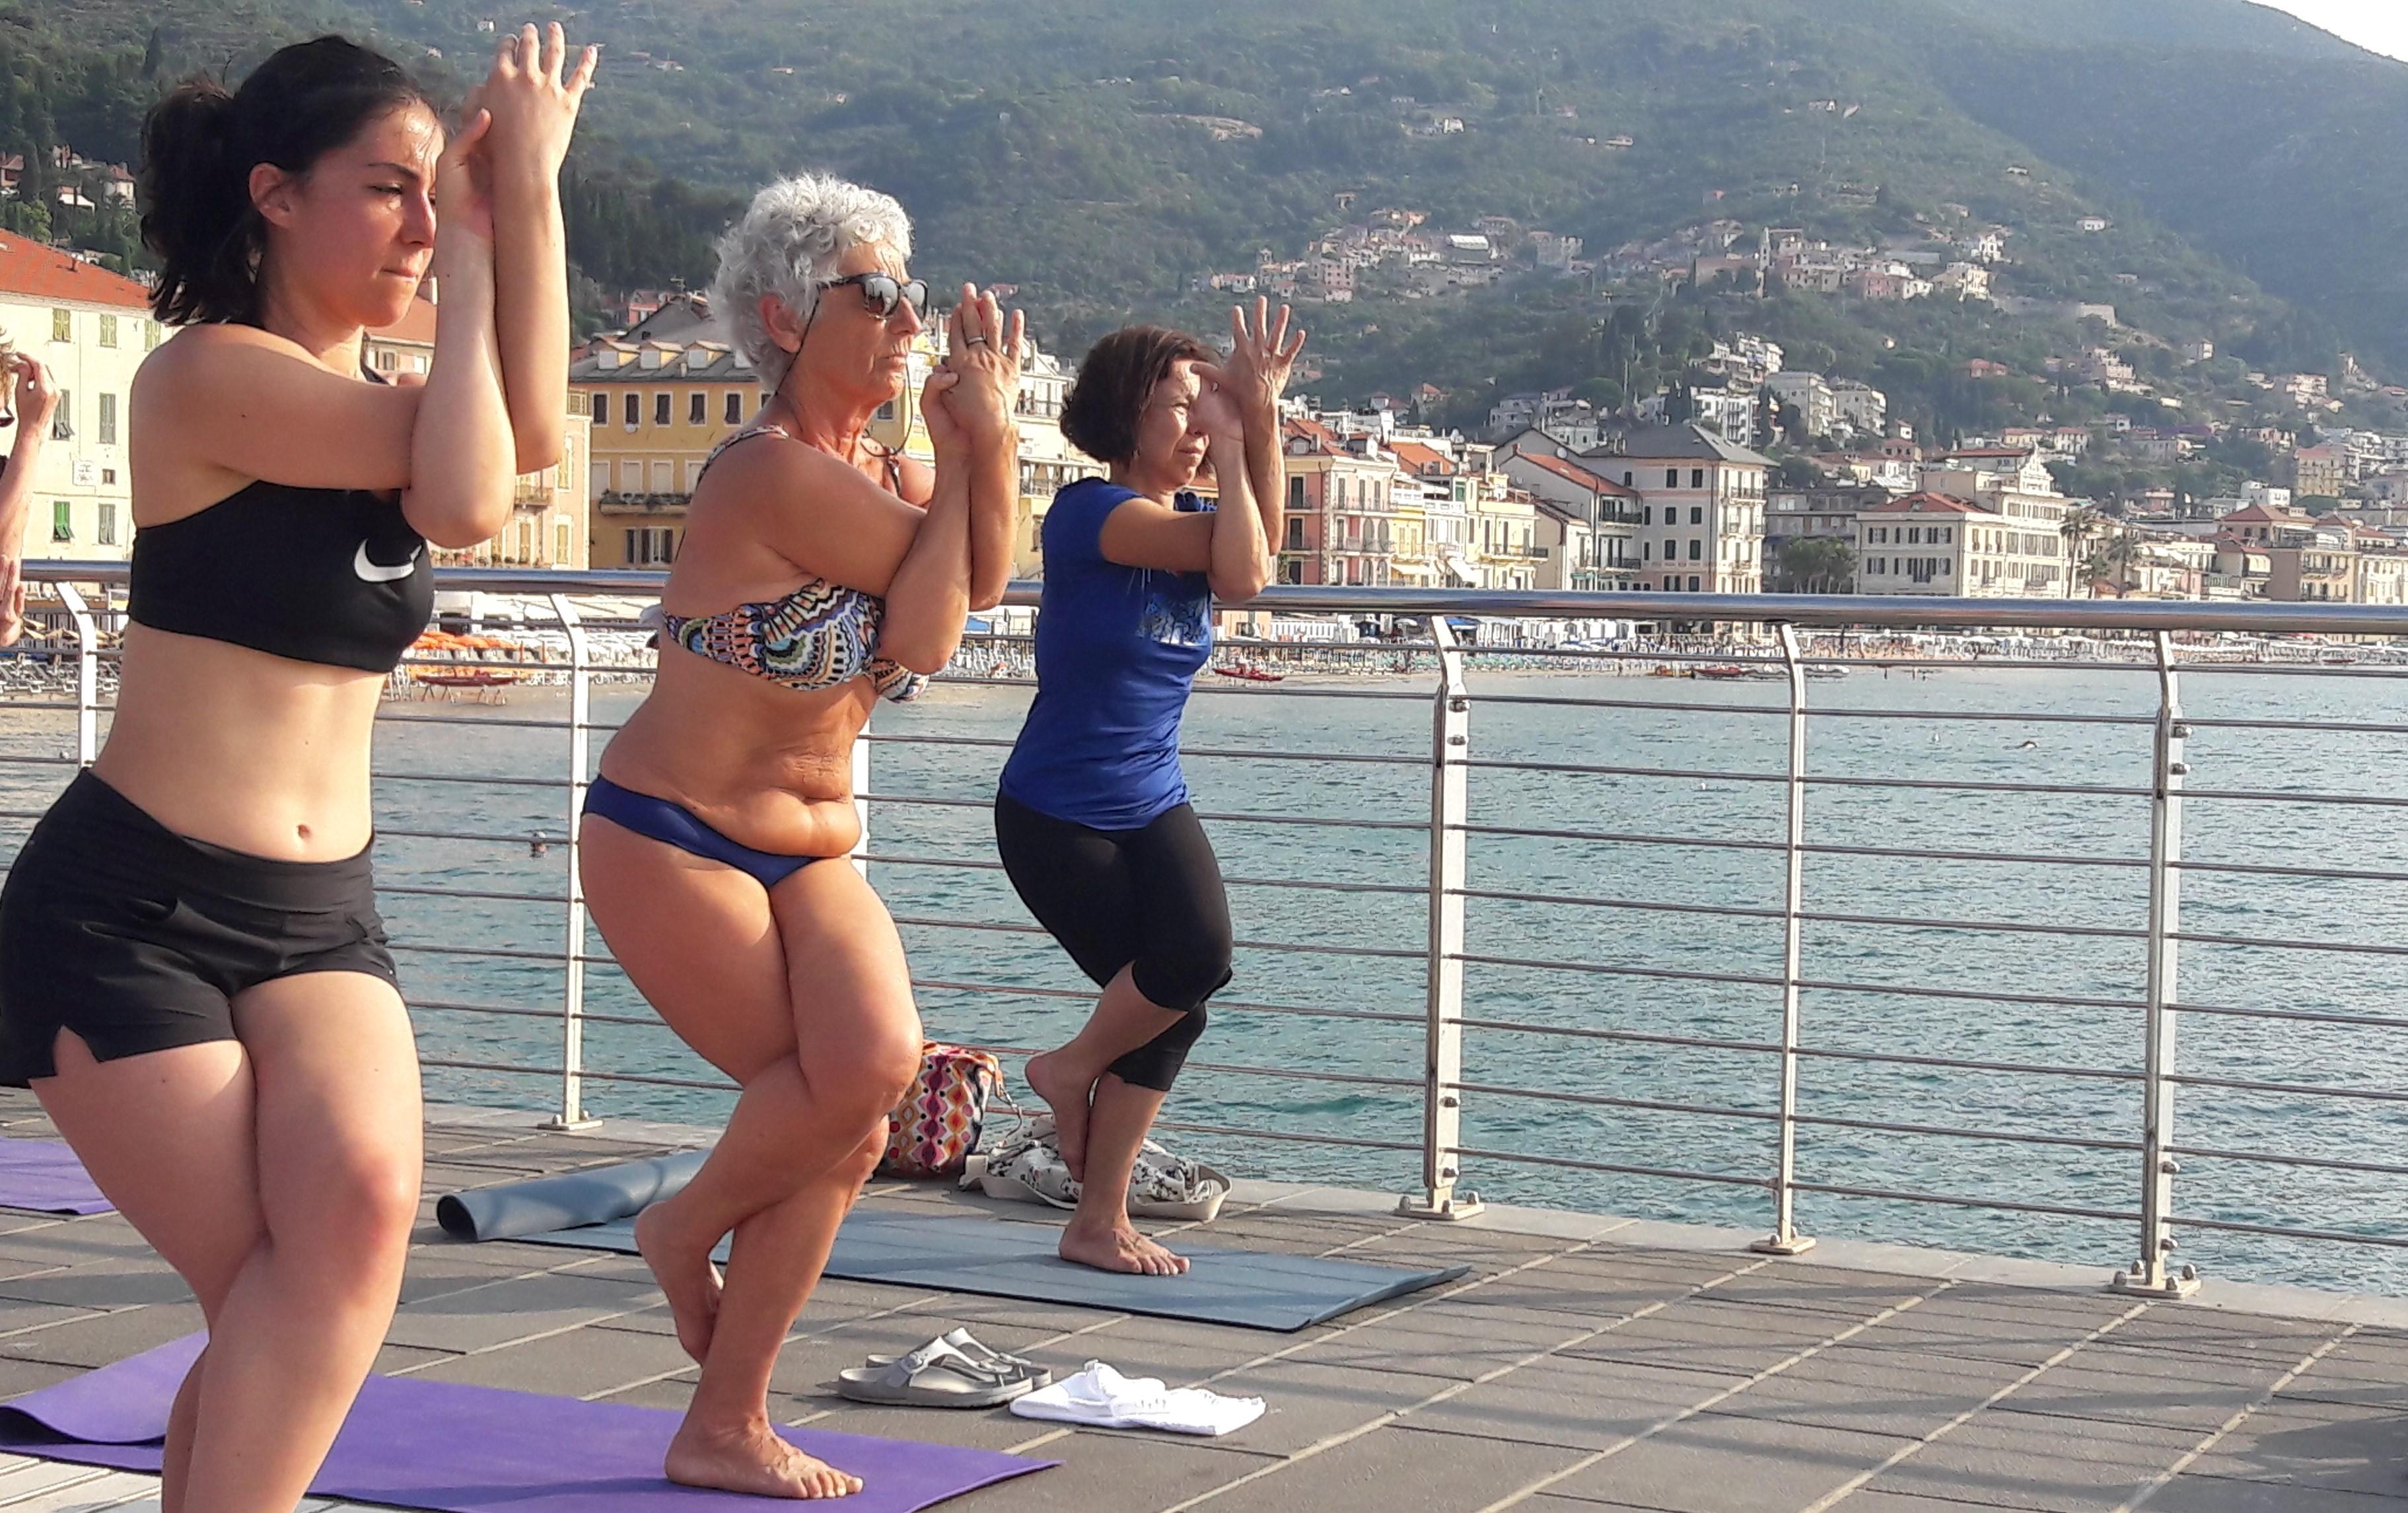 1_essere-free-yoga-gratuito-benessere-per-tutti-village-citta-alassio-estate-lucia-ragazzi-summer-town-wellness-022